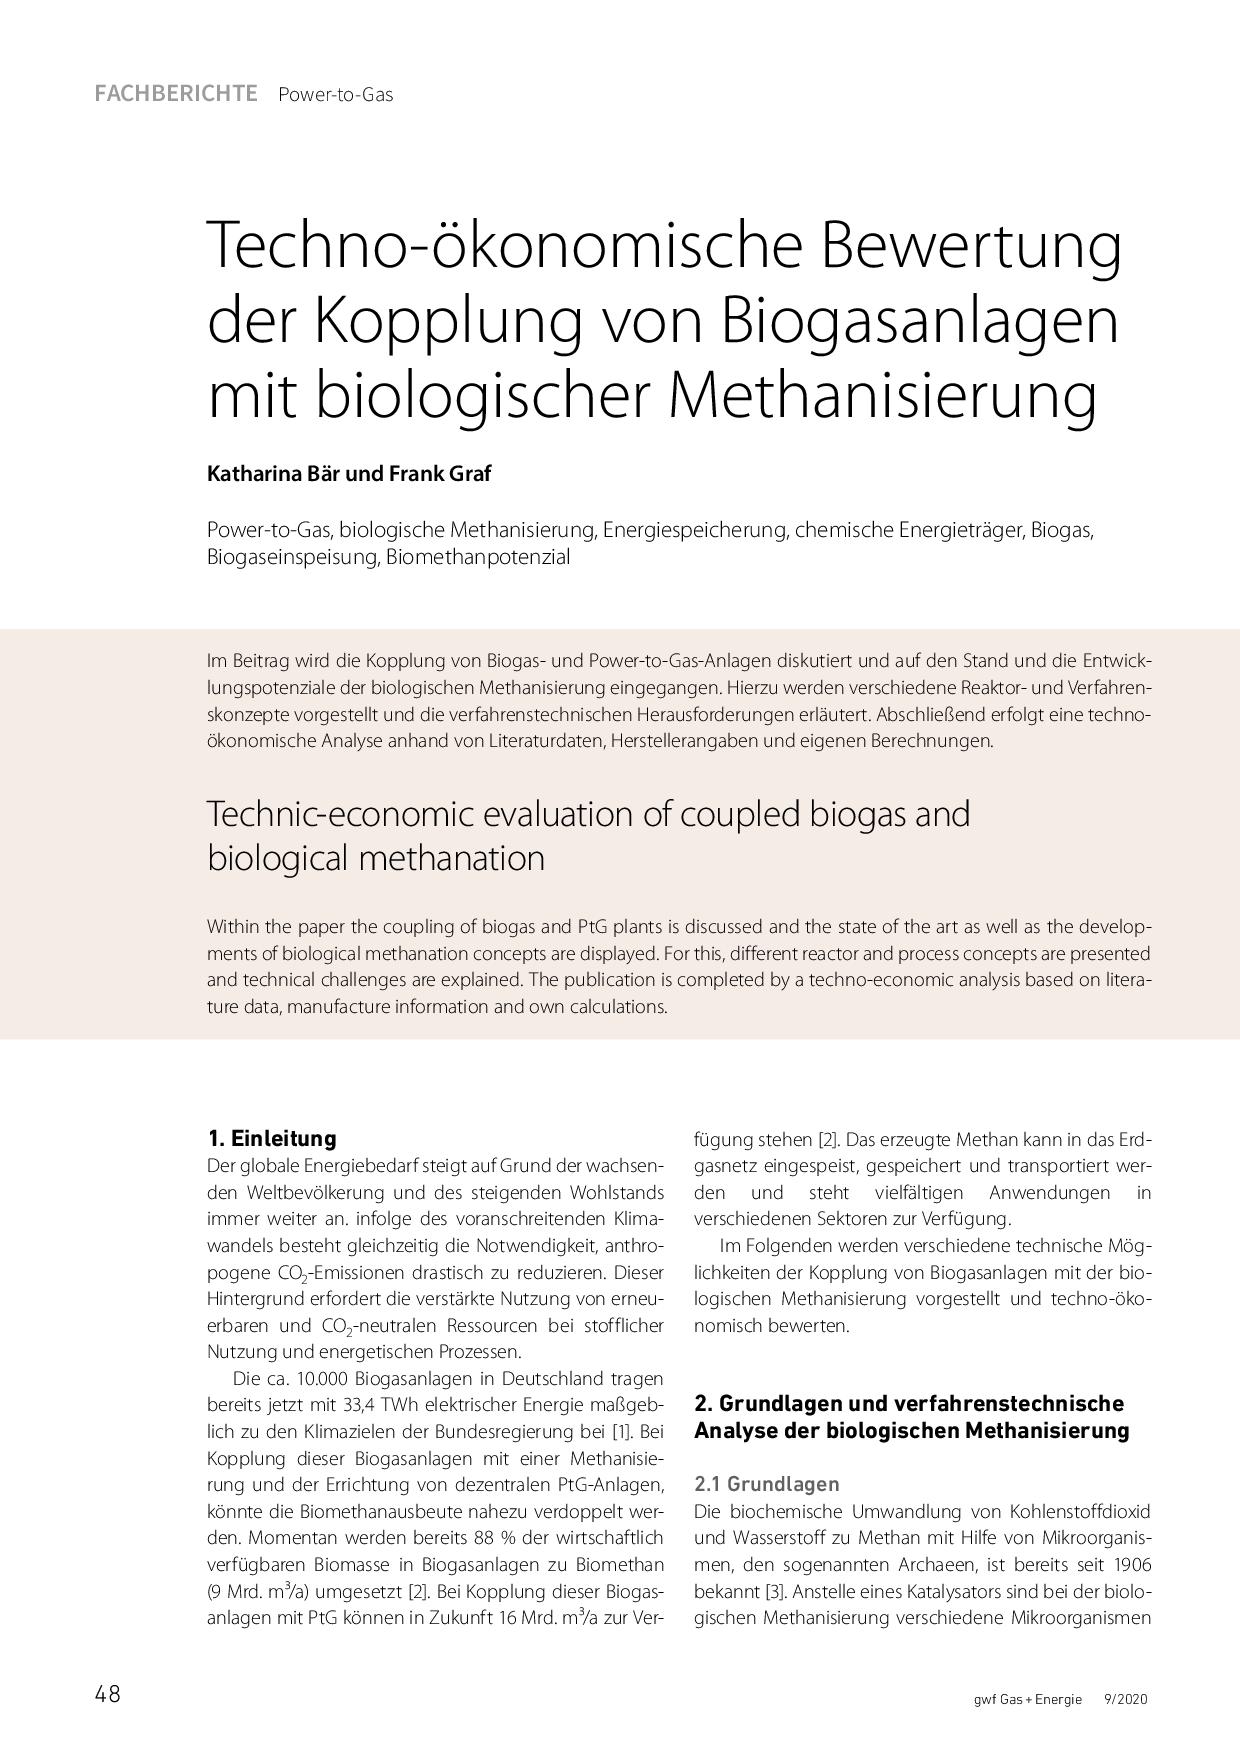 Techno-ökonomische Bewertung der Kopplung von Biogasanlagen mit biologischer Methanisierung